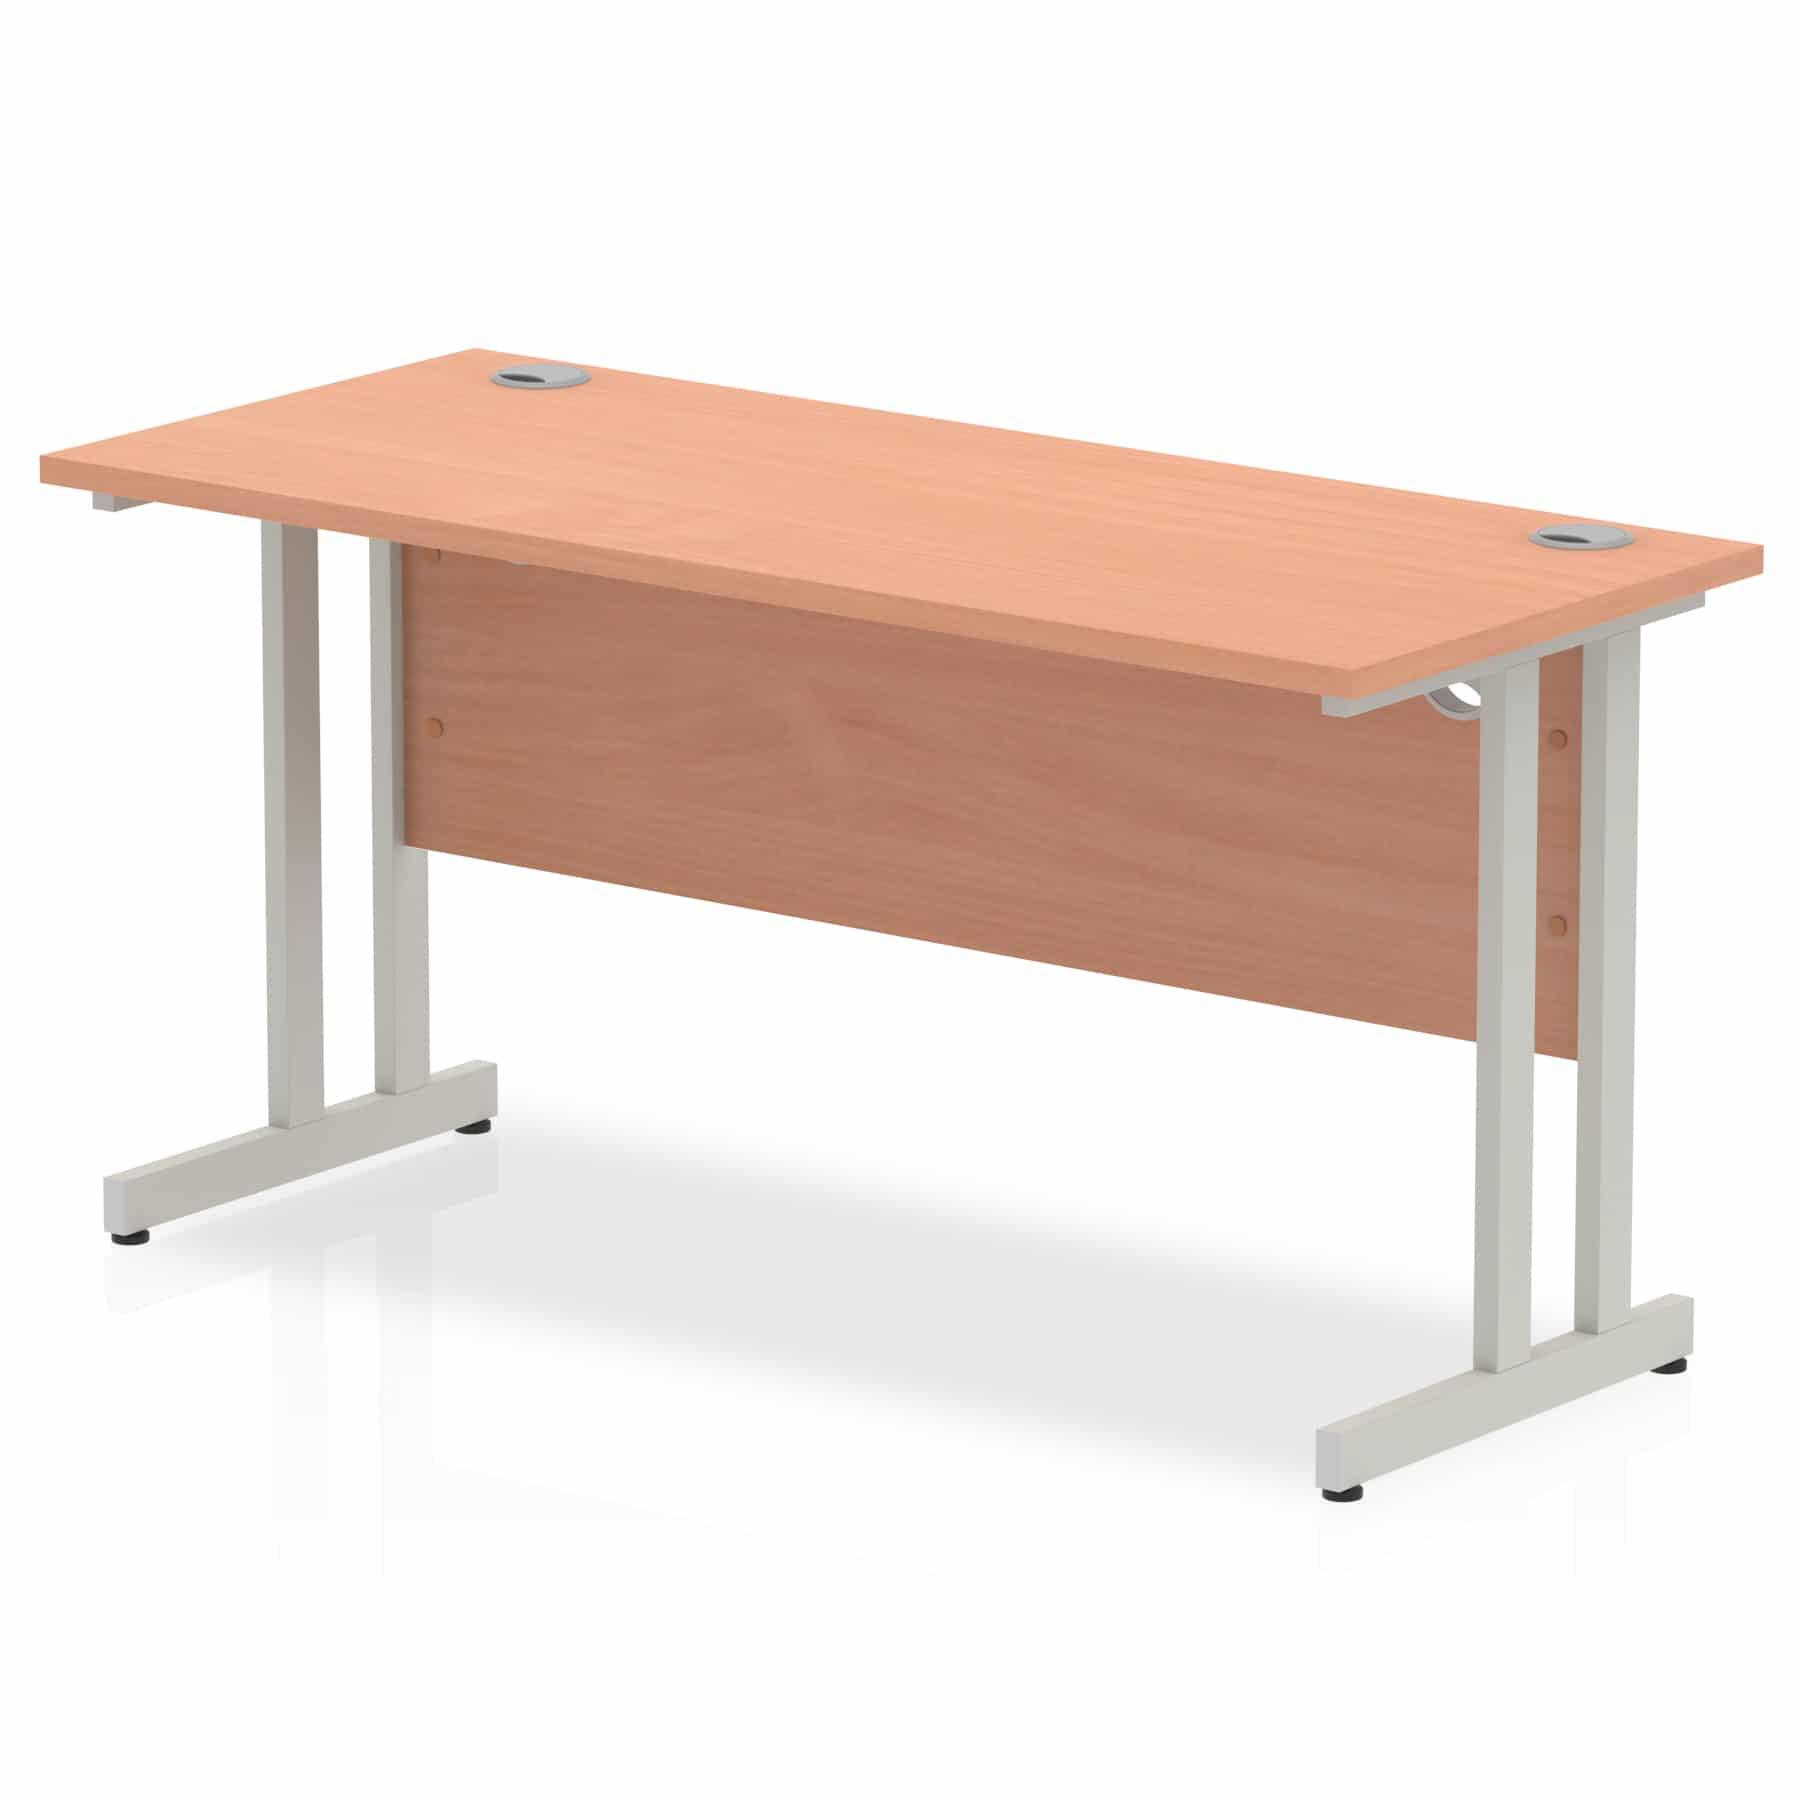 Slimline 1400mm x 600mm Rectangular Straight Desk in Beech